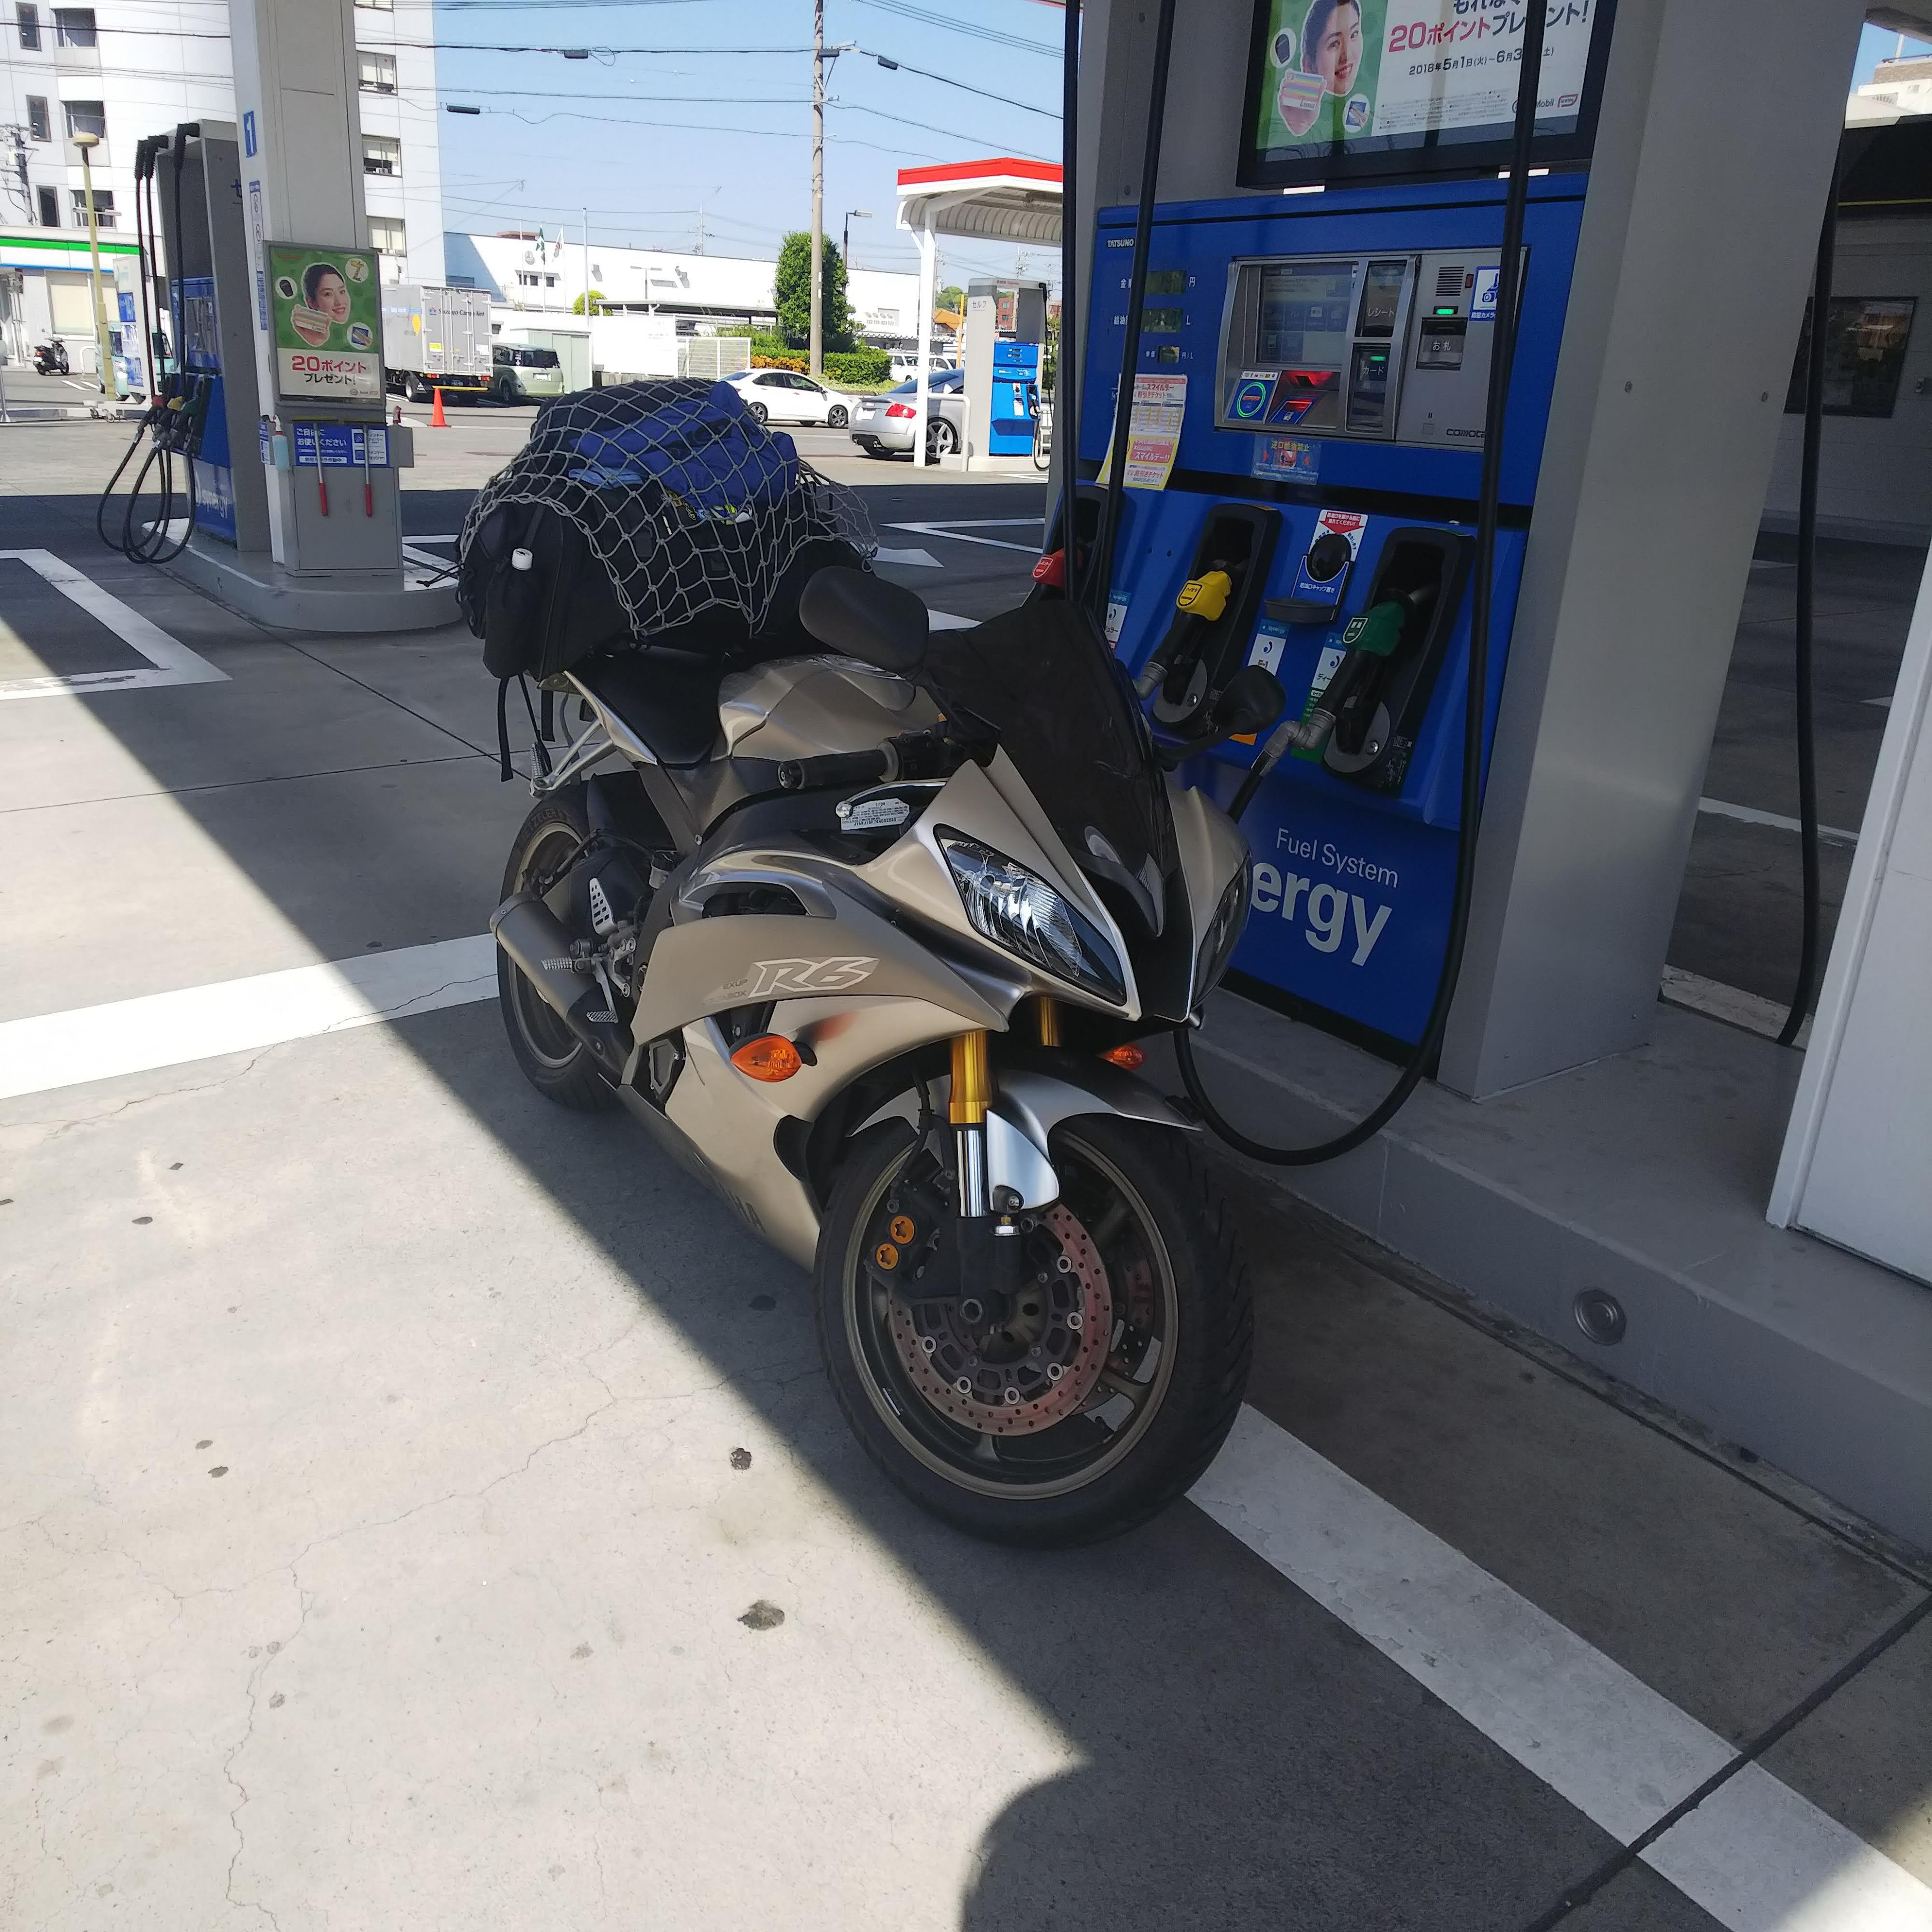 YZF-R6 ヤマハ ガソリンスタンド 給油